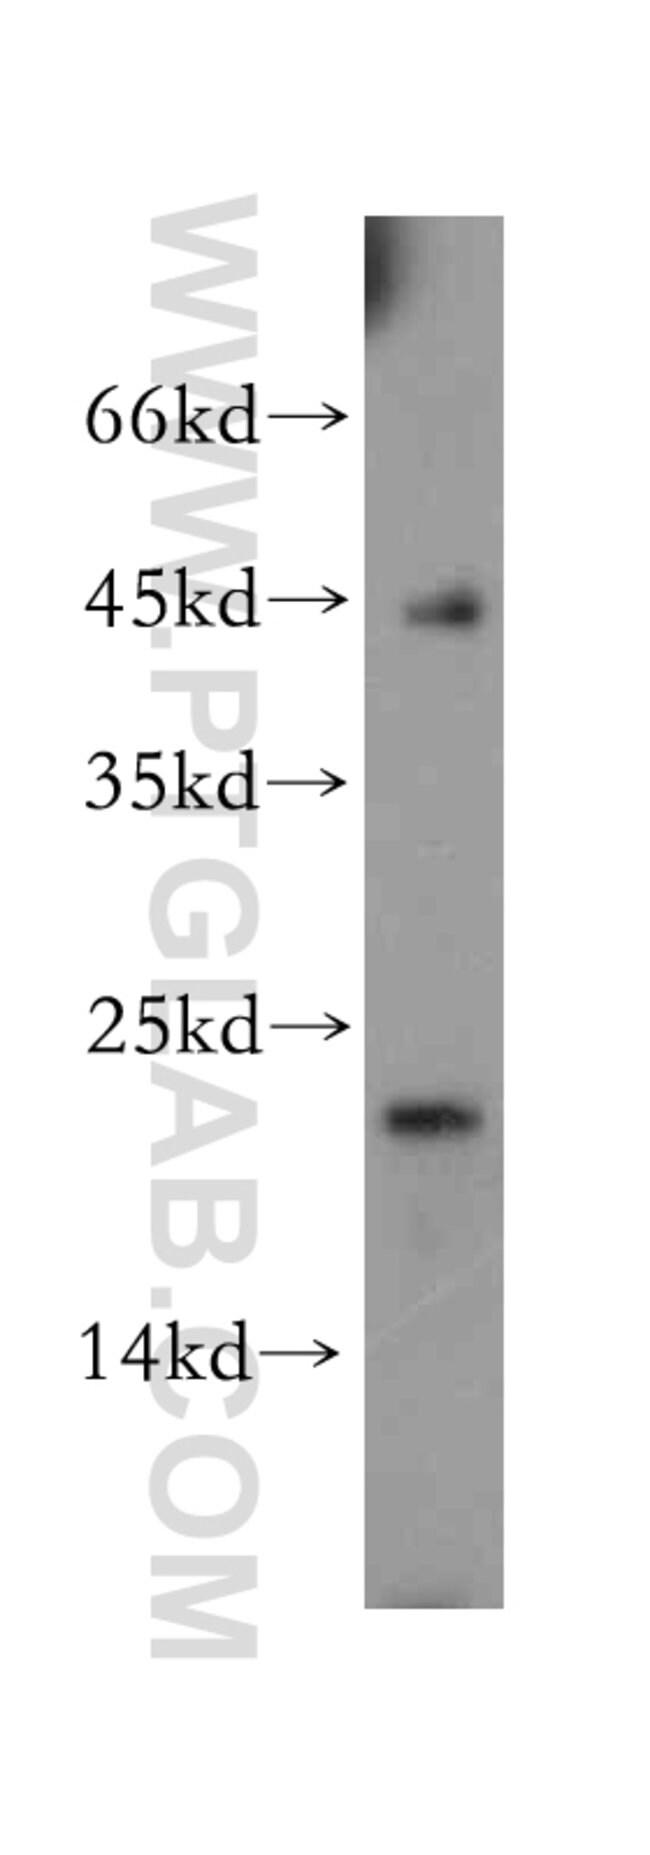 Hikeshi Rabbit anti-Human, Mouse, Rat, Polyclonal, Proteintech 20 μL; Unconjugated voir les résultats